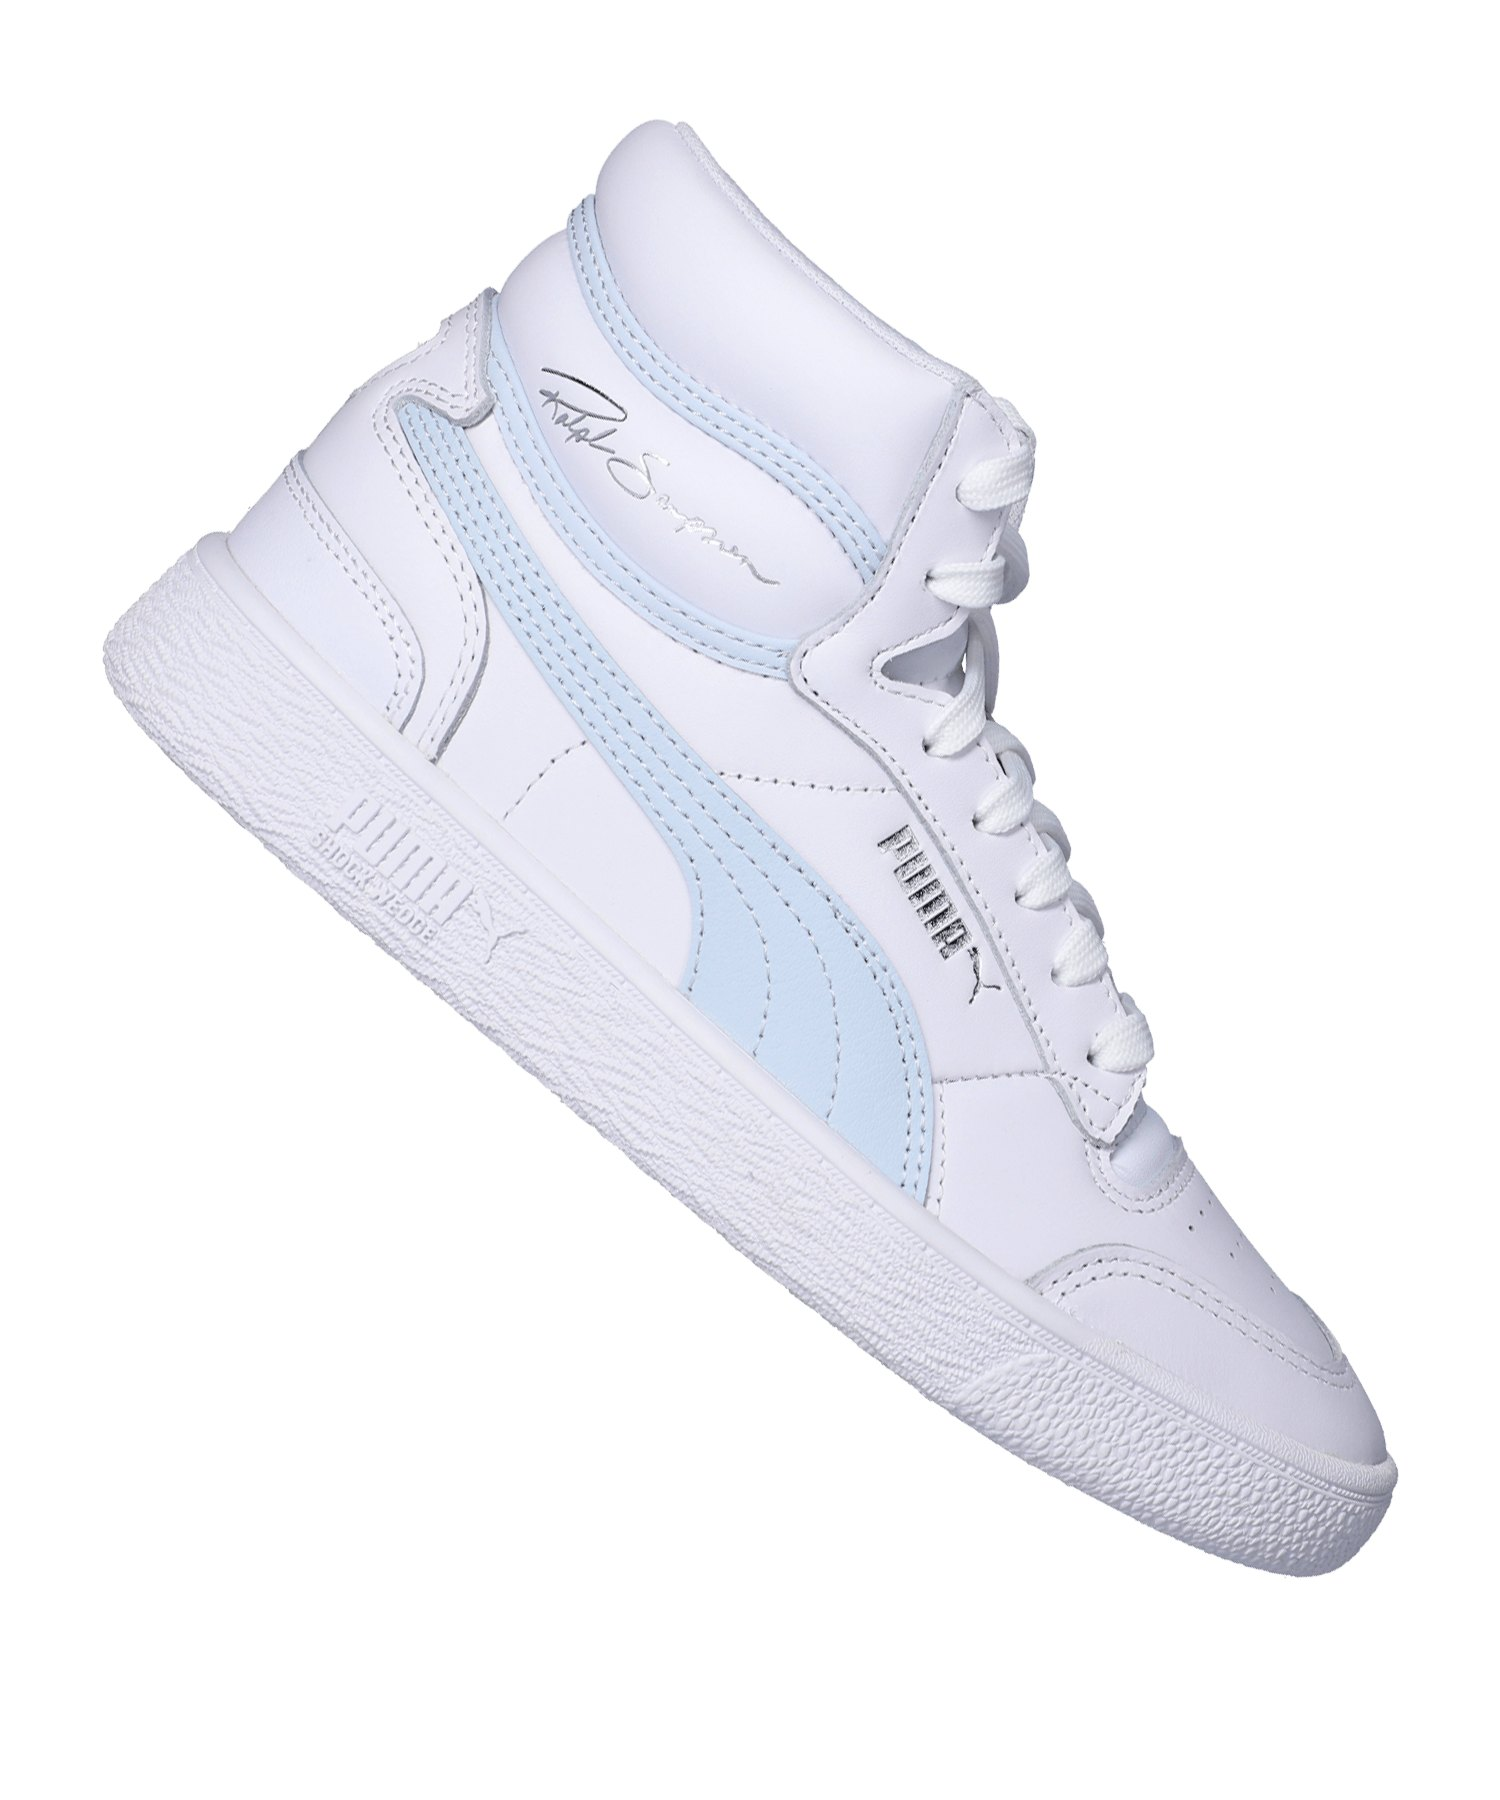 PUMA Ralph Sampson Mid Sneaker Weiss F11 - weiss